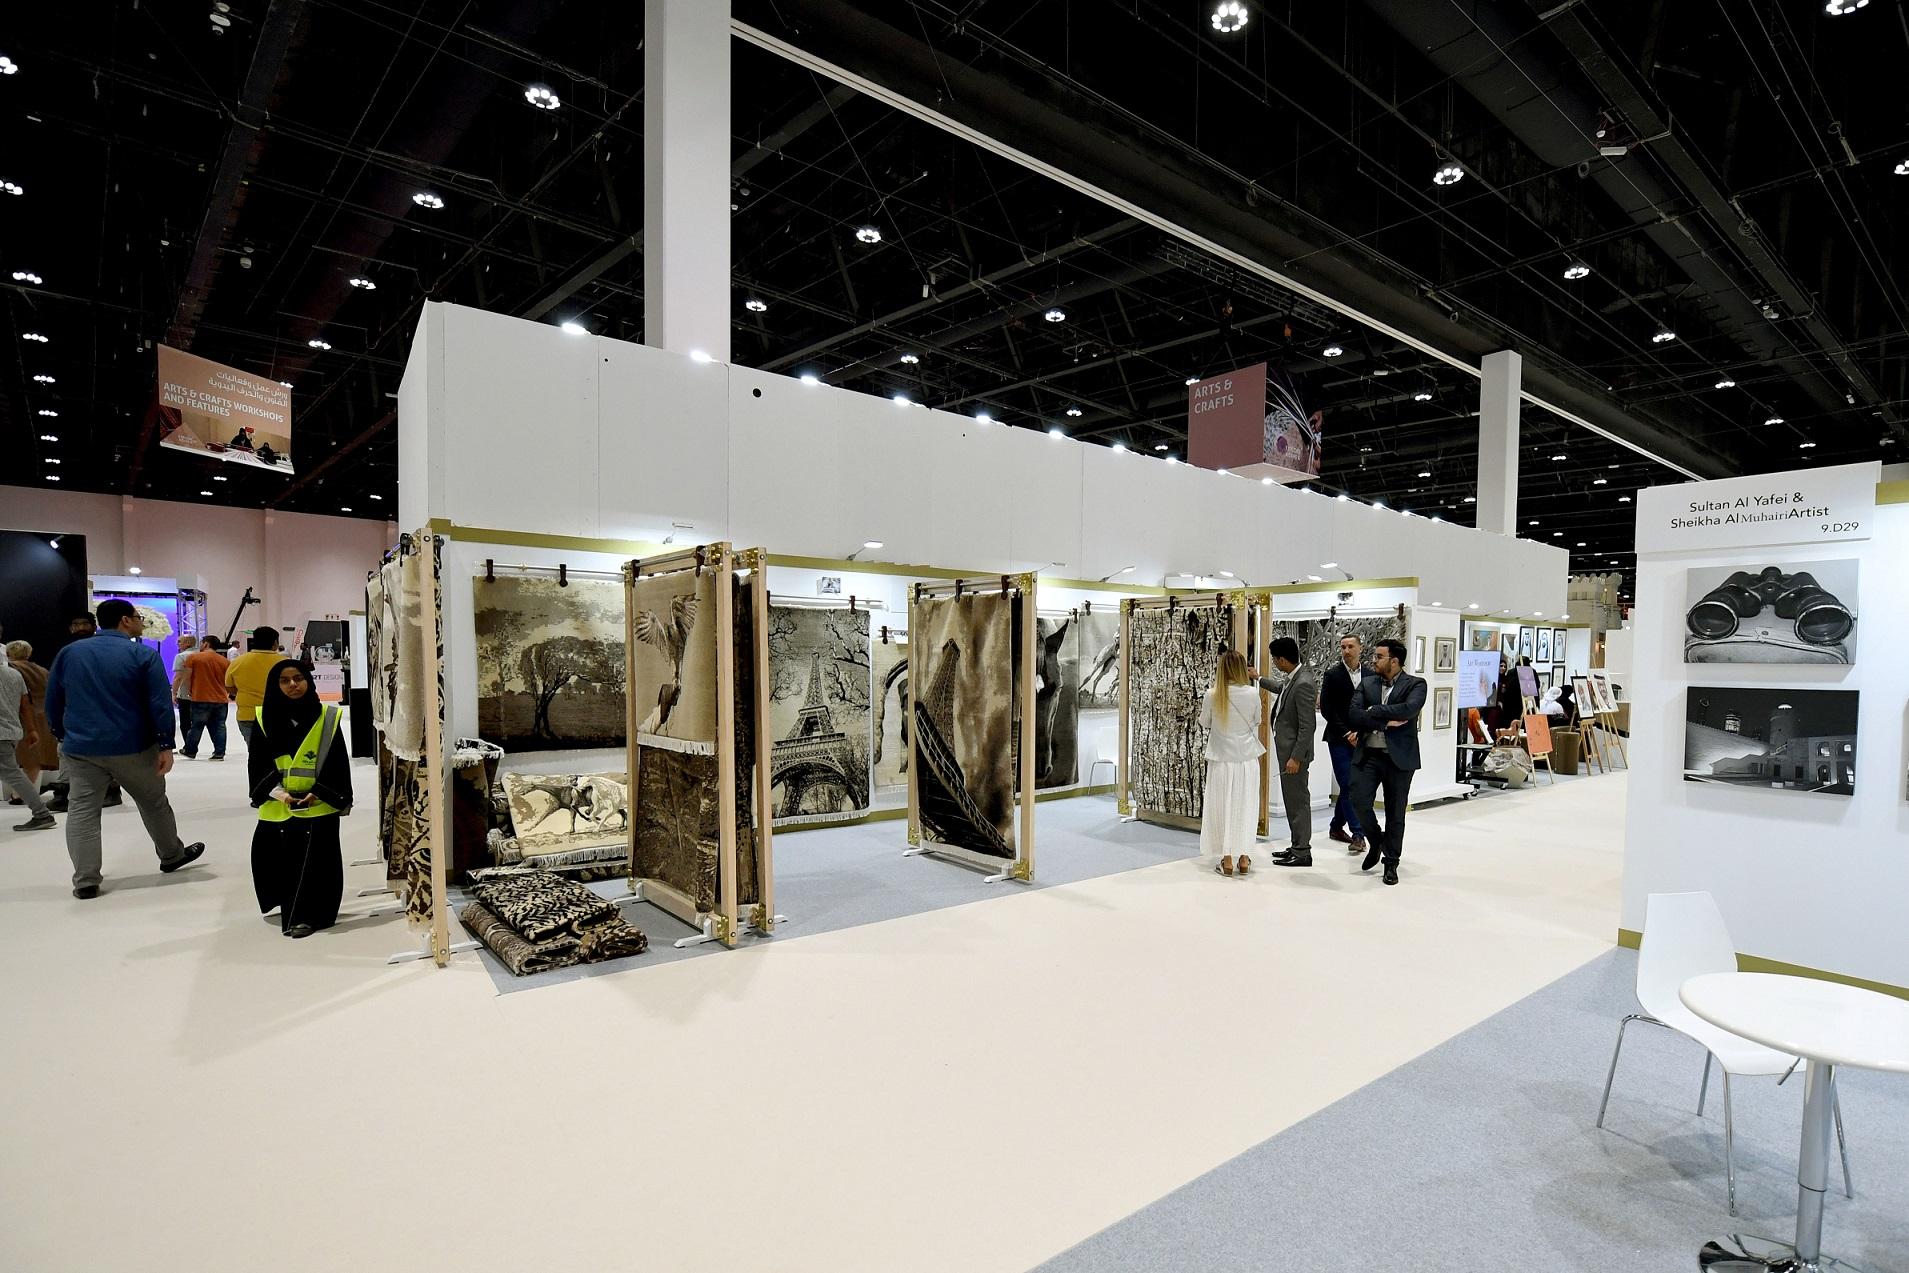 125 فنانا يعرضون إبداعاتهم في معرض الصيد والفروسية